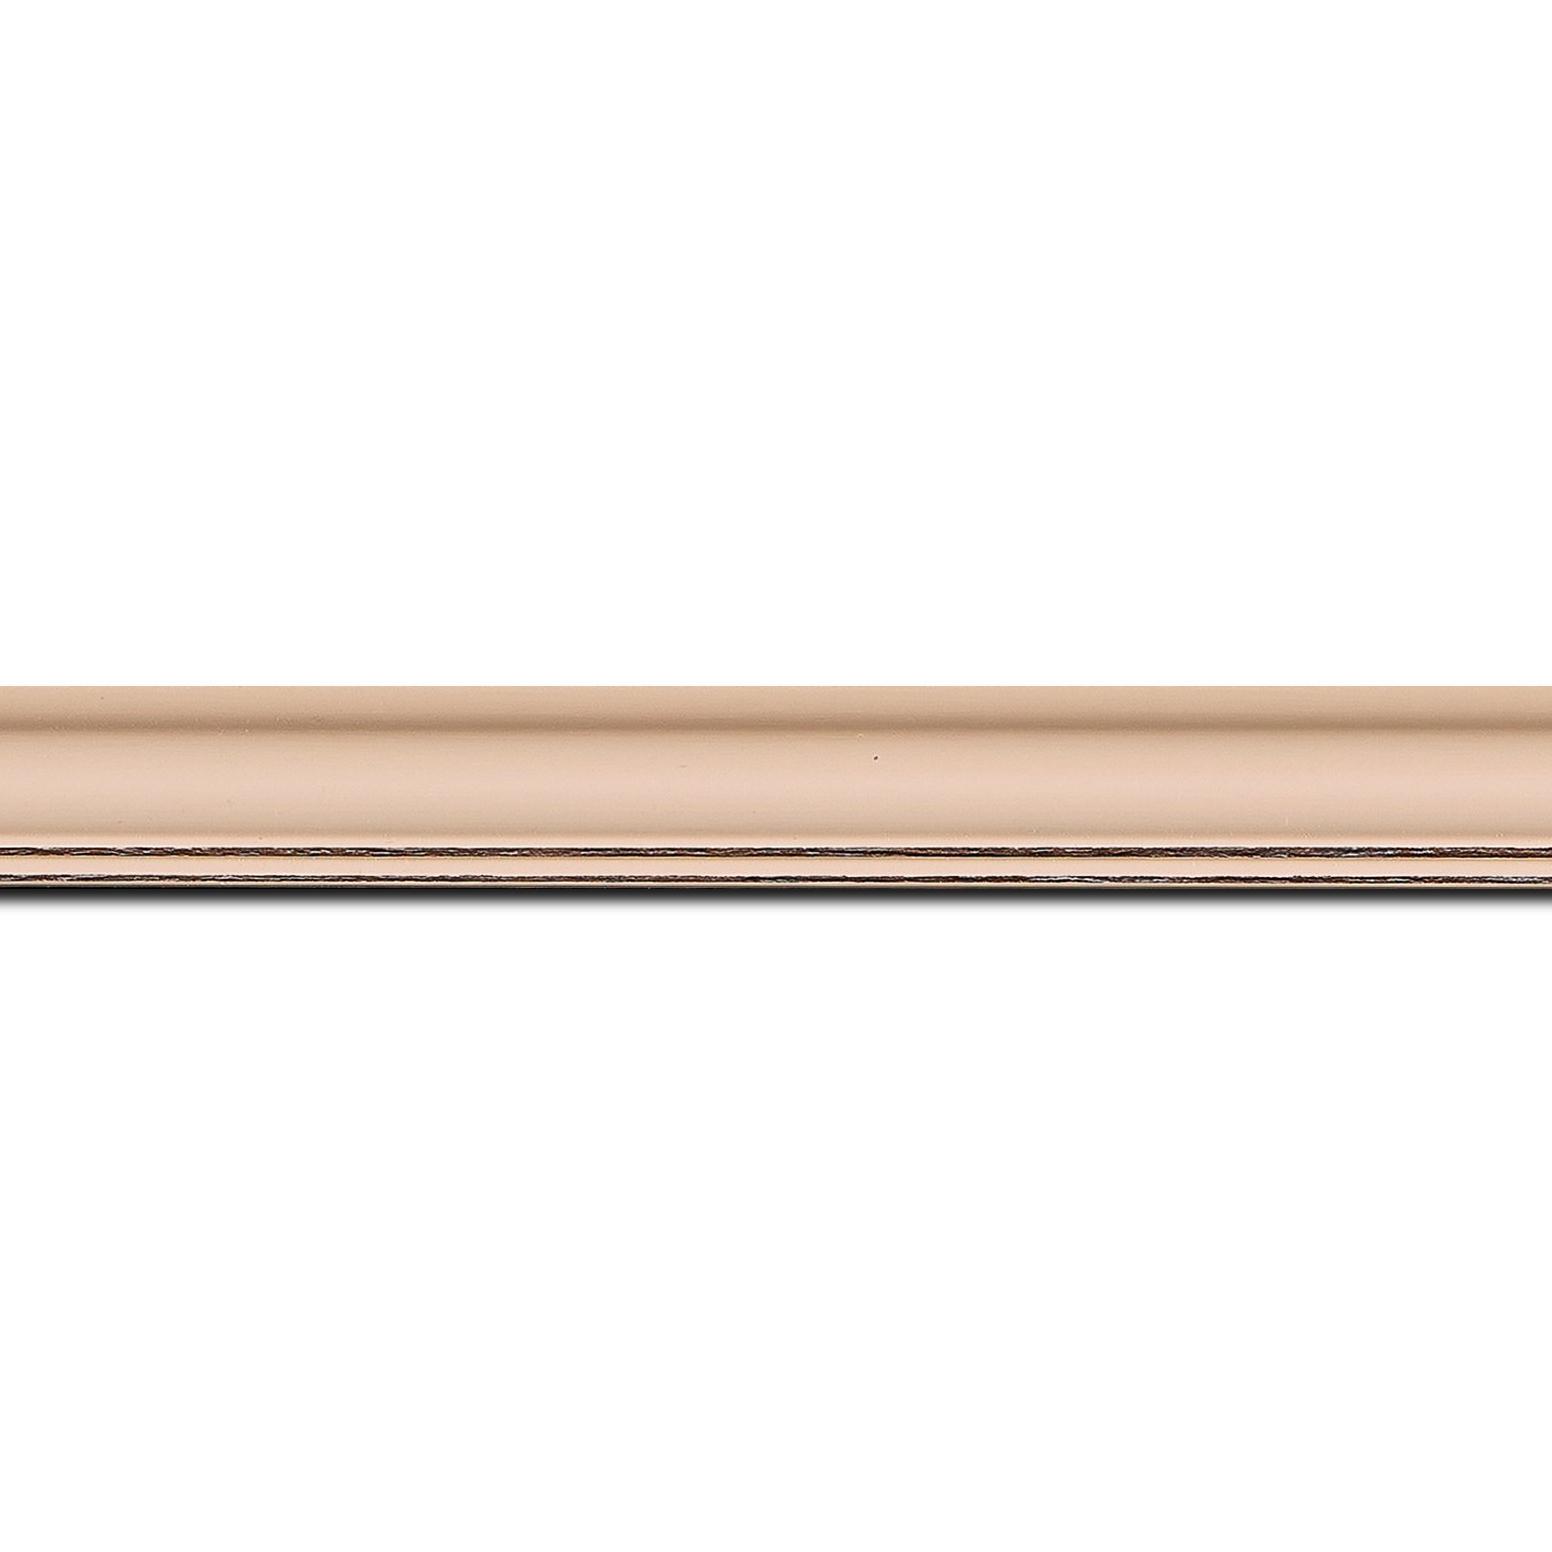 Baguette longueur 1.40m bois profil doucine inversée largeur 2.3cm rose tendre satiné bord ressuyé